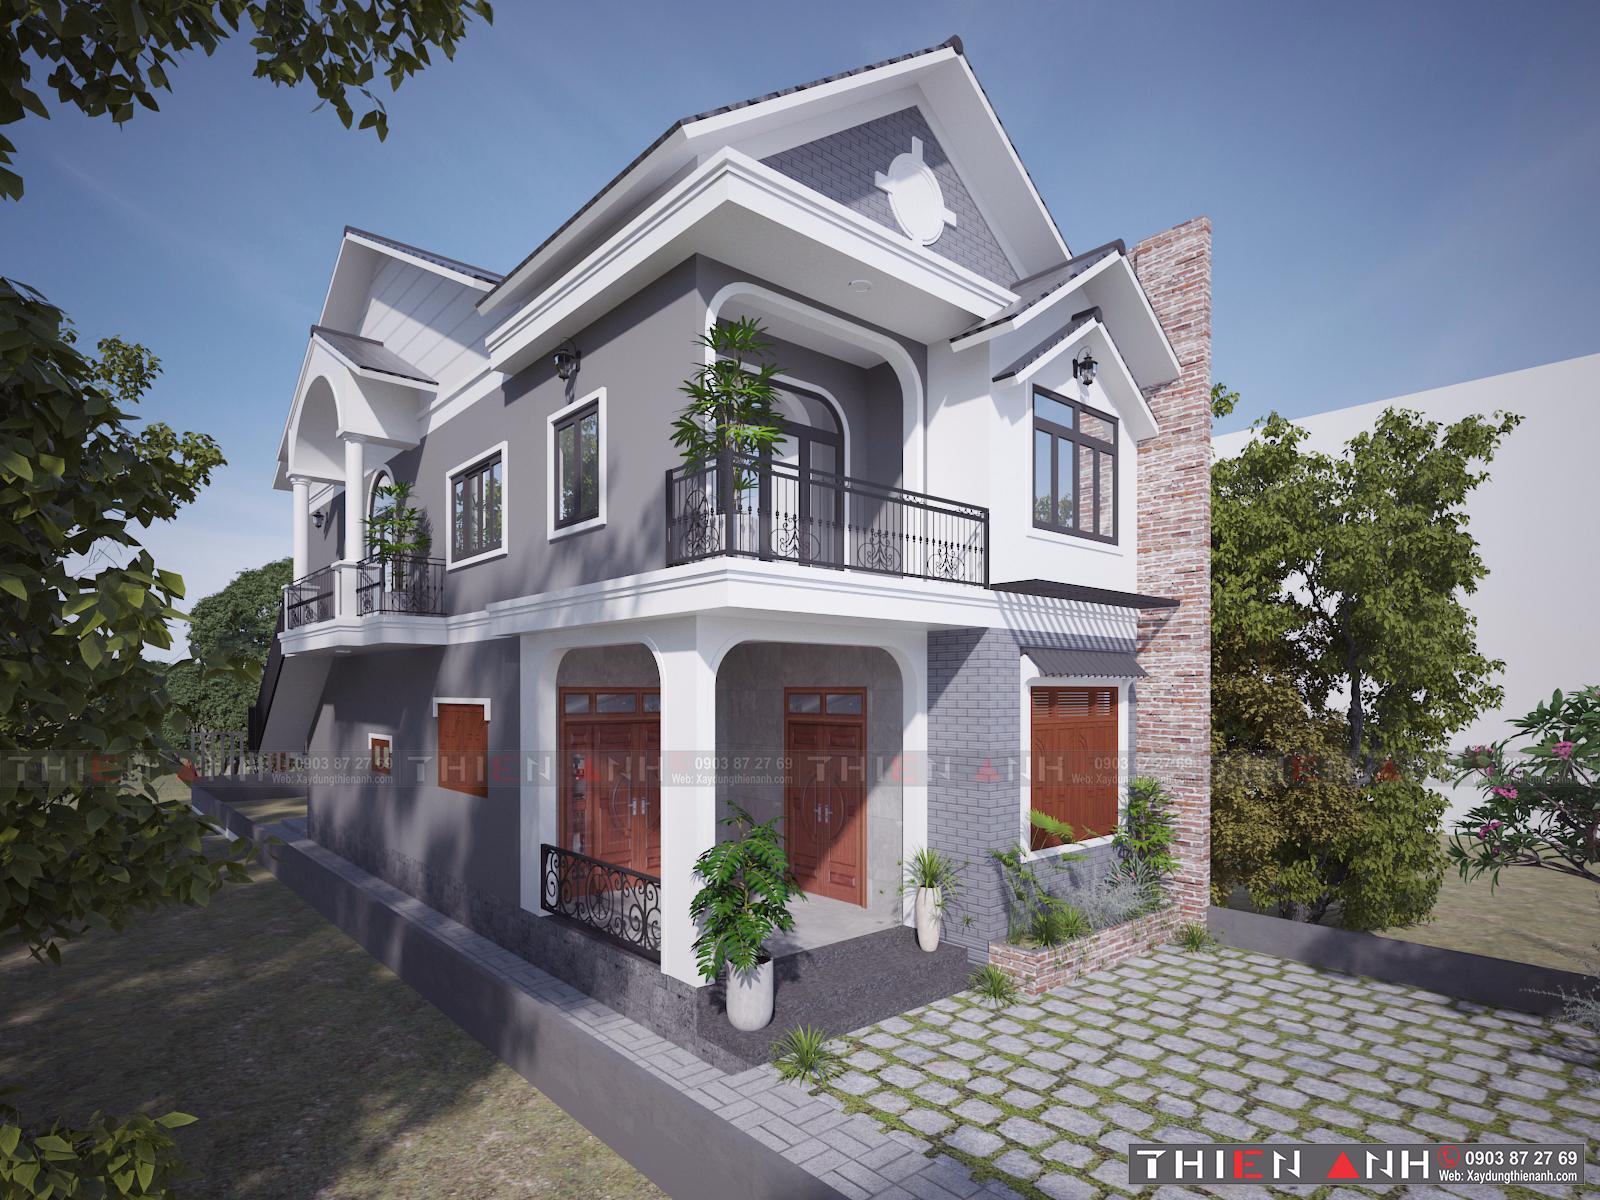 Thiên Anh - Đơn vị chuyên thiết kế nhà ở Biên Hòa trọn gói, giá tốt nhất